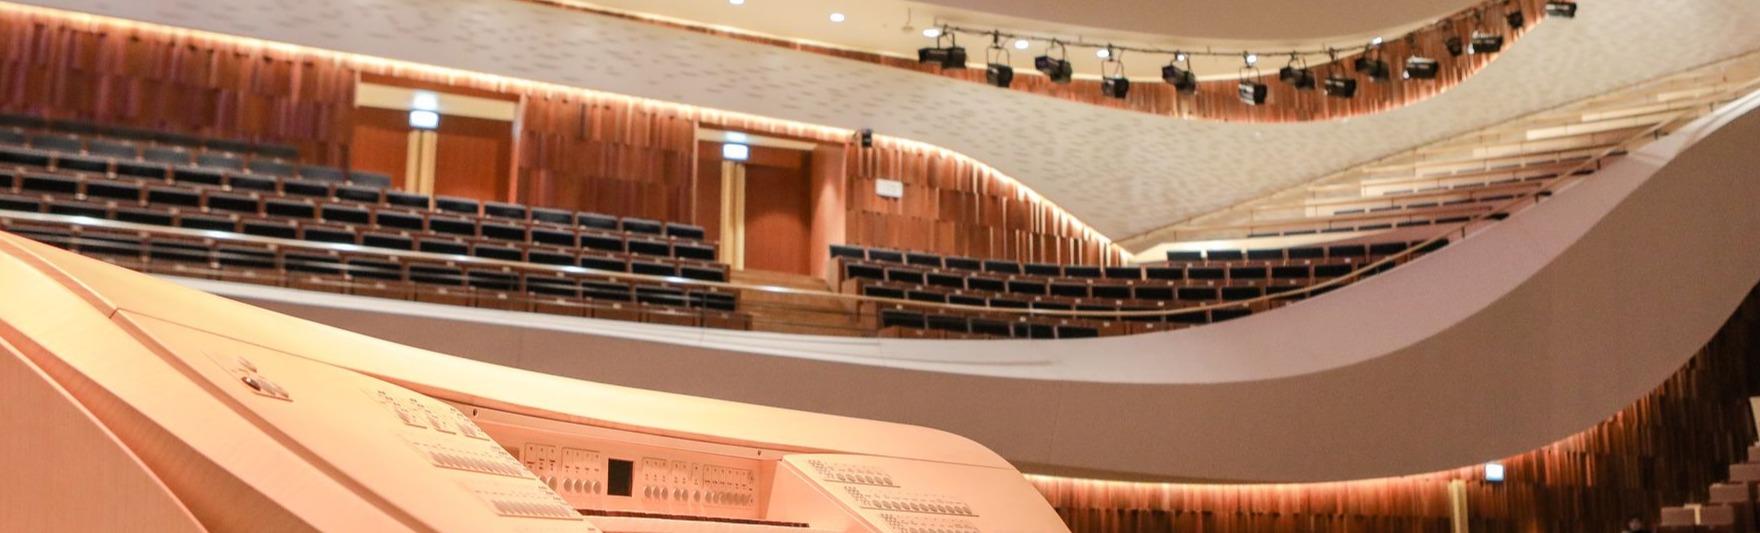 Национальный филармонический оркестр России, дирижер — Михаил Гертс